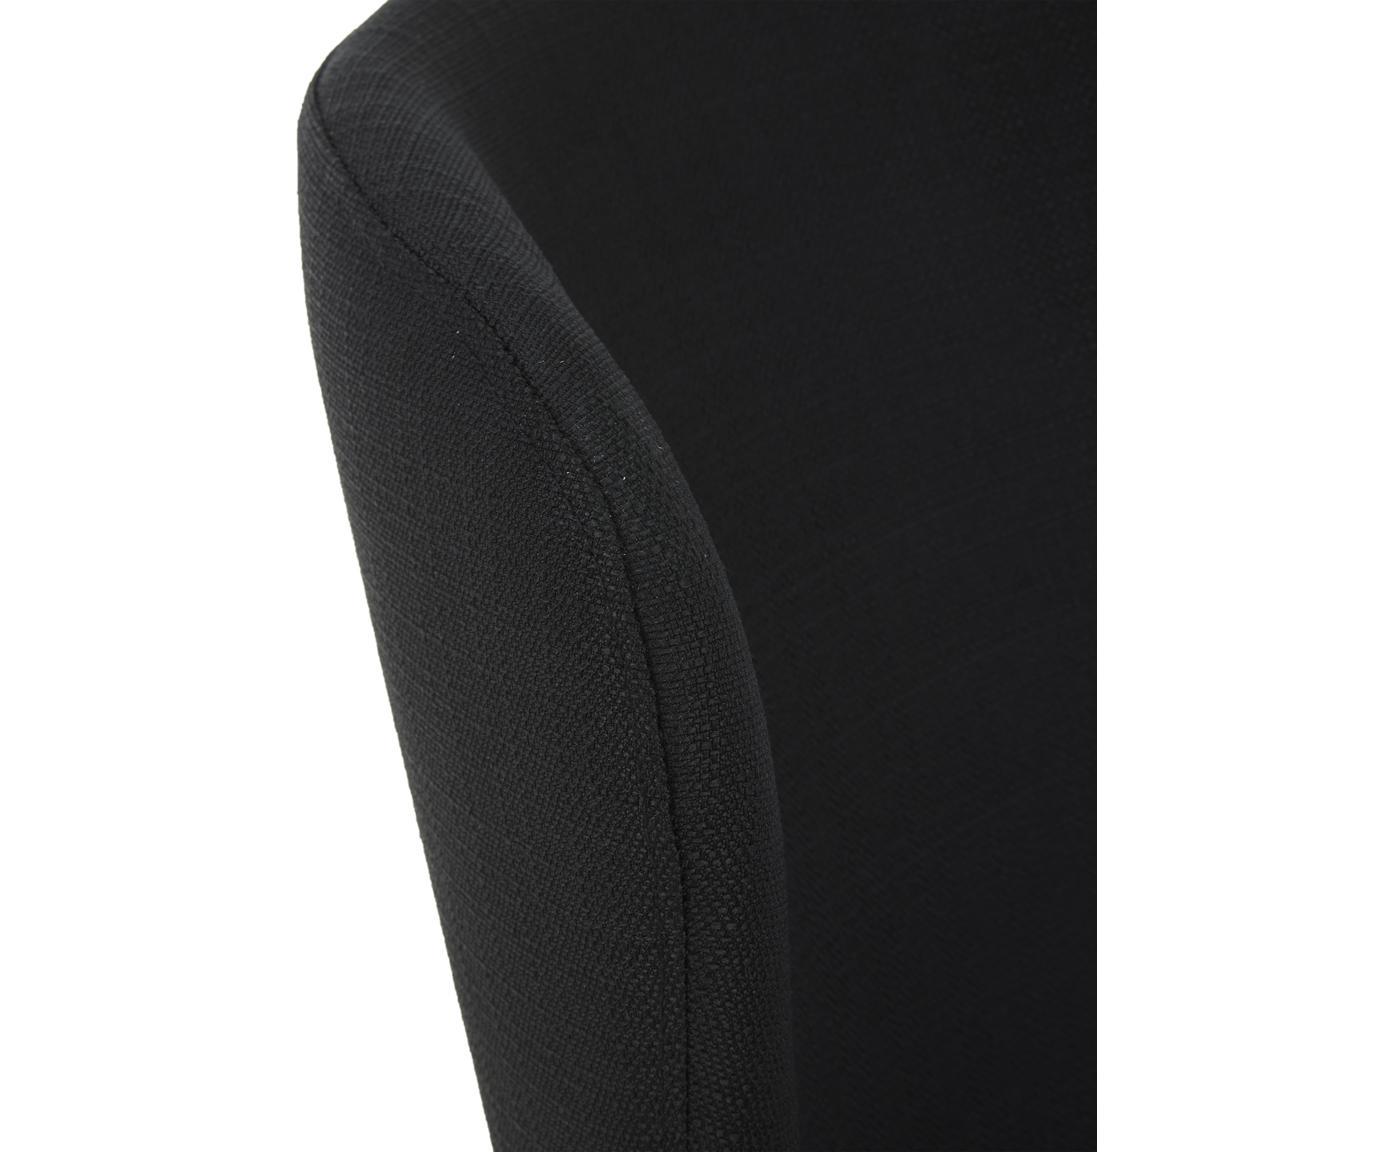 Polsterstuhl Tess, Bezug: Polyester 25.000 Scheuert, Beine: Metall, pulverbeschichtet, Webstoff Schwarz, Beine Schwarz, B 48 x T 64 cm